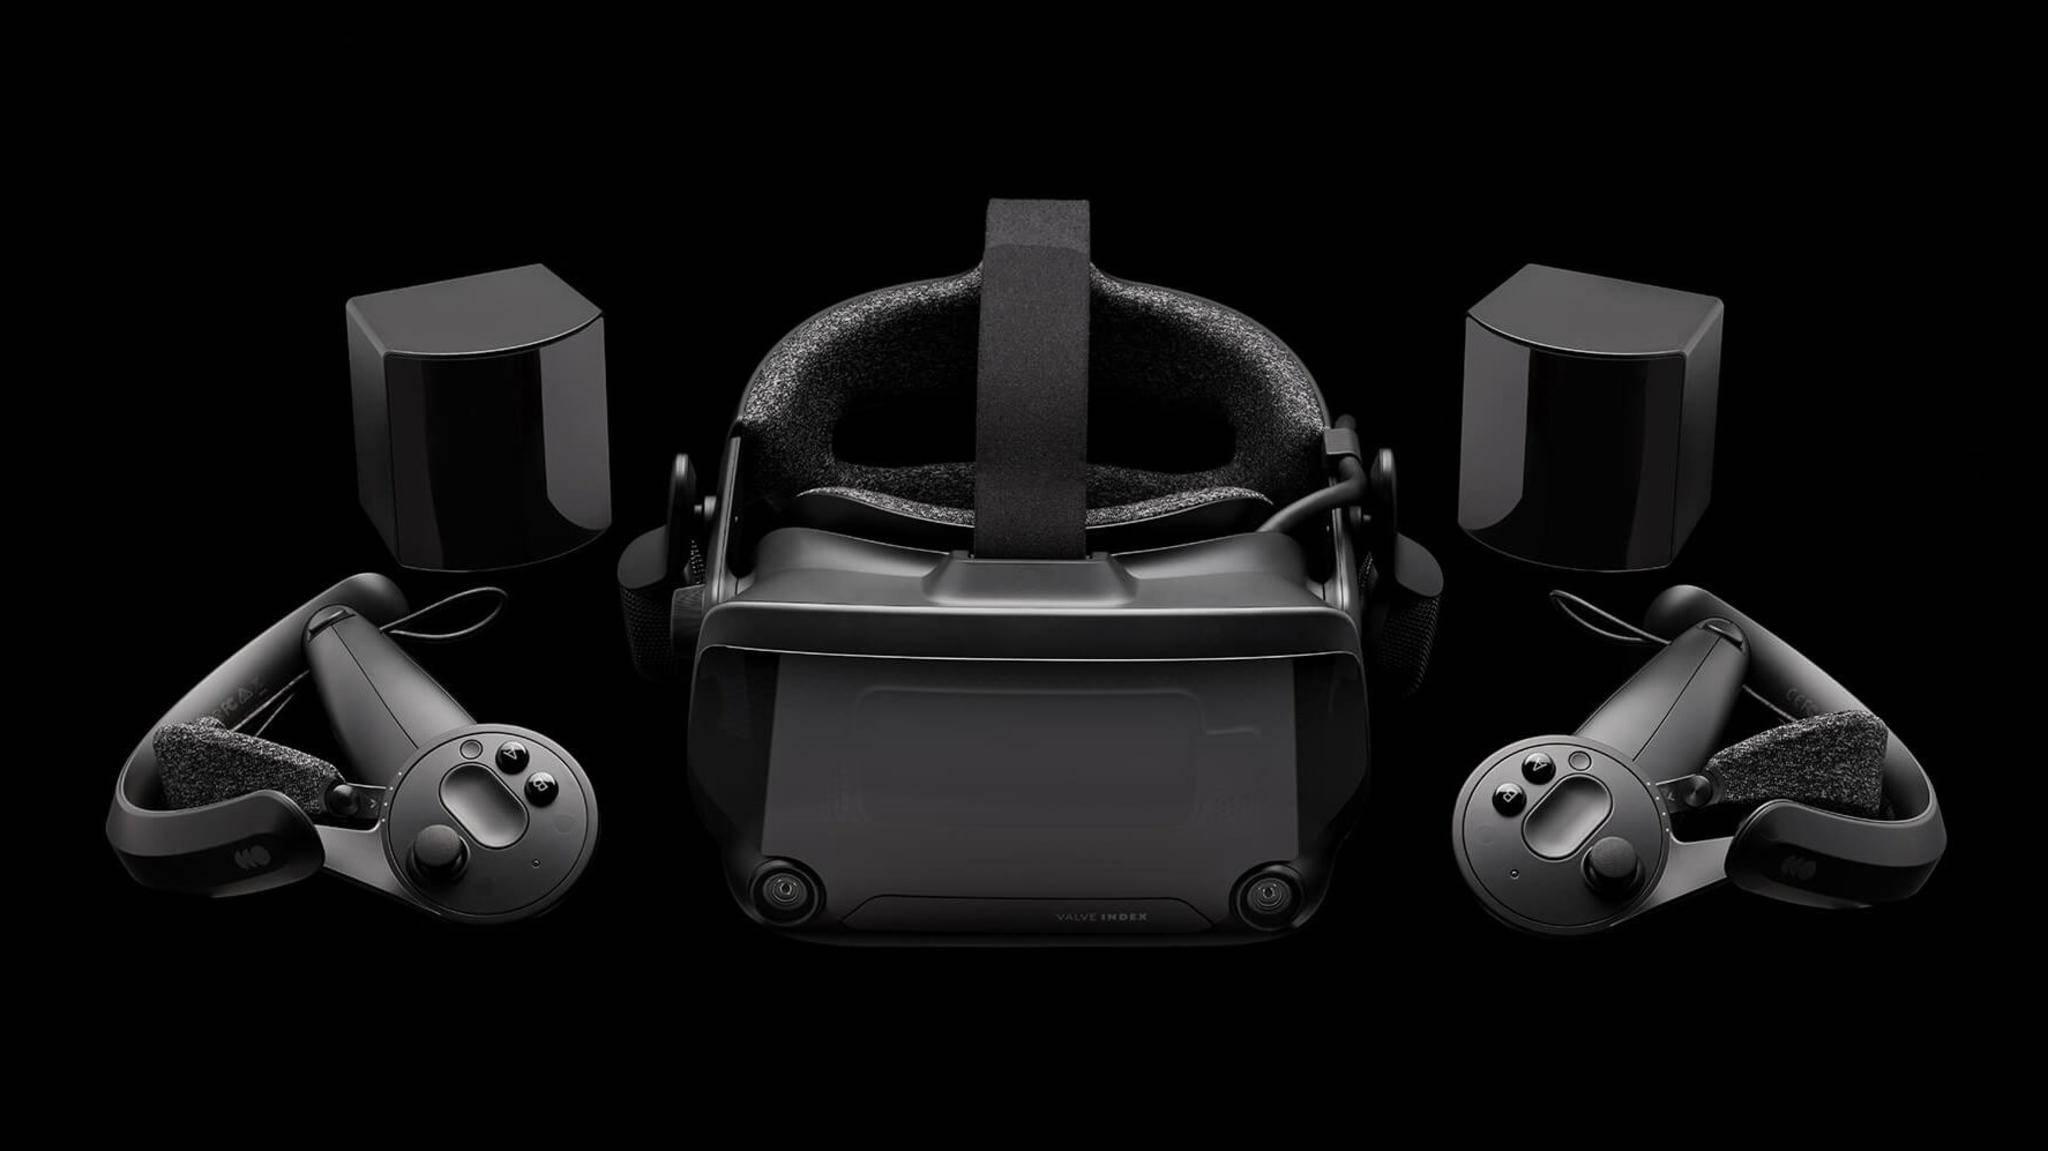 Das Valve Index bietet neueste VR-Technik für den PC.